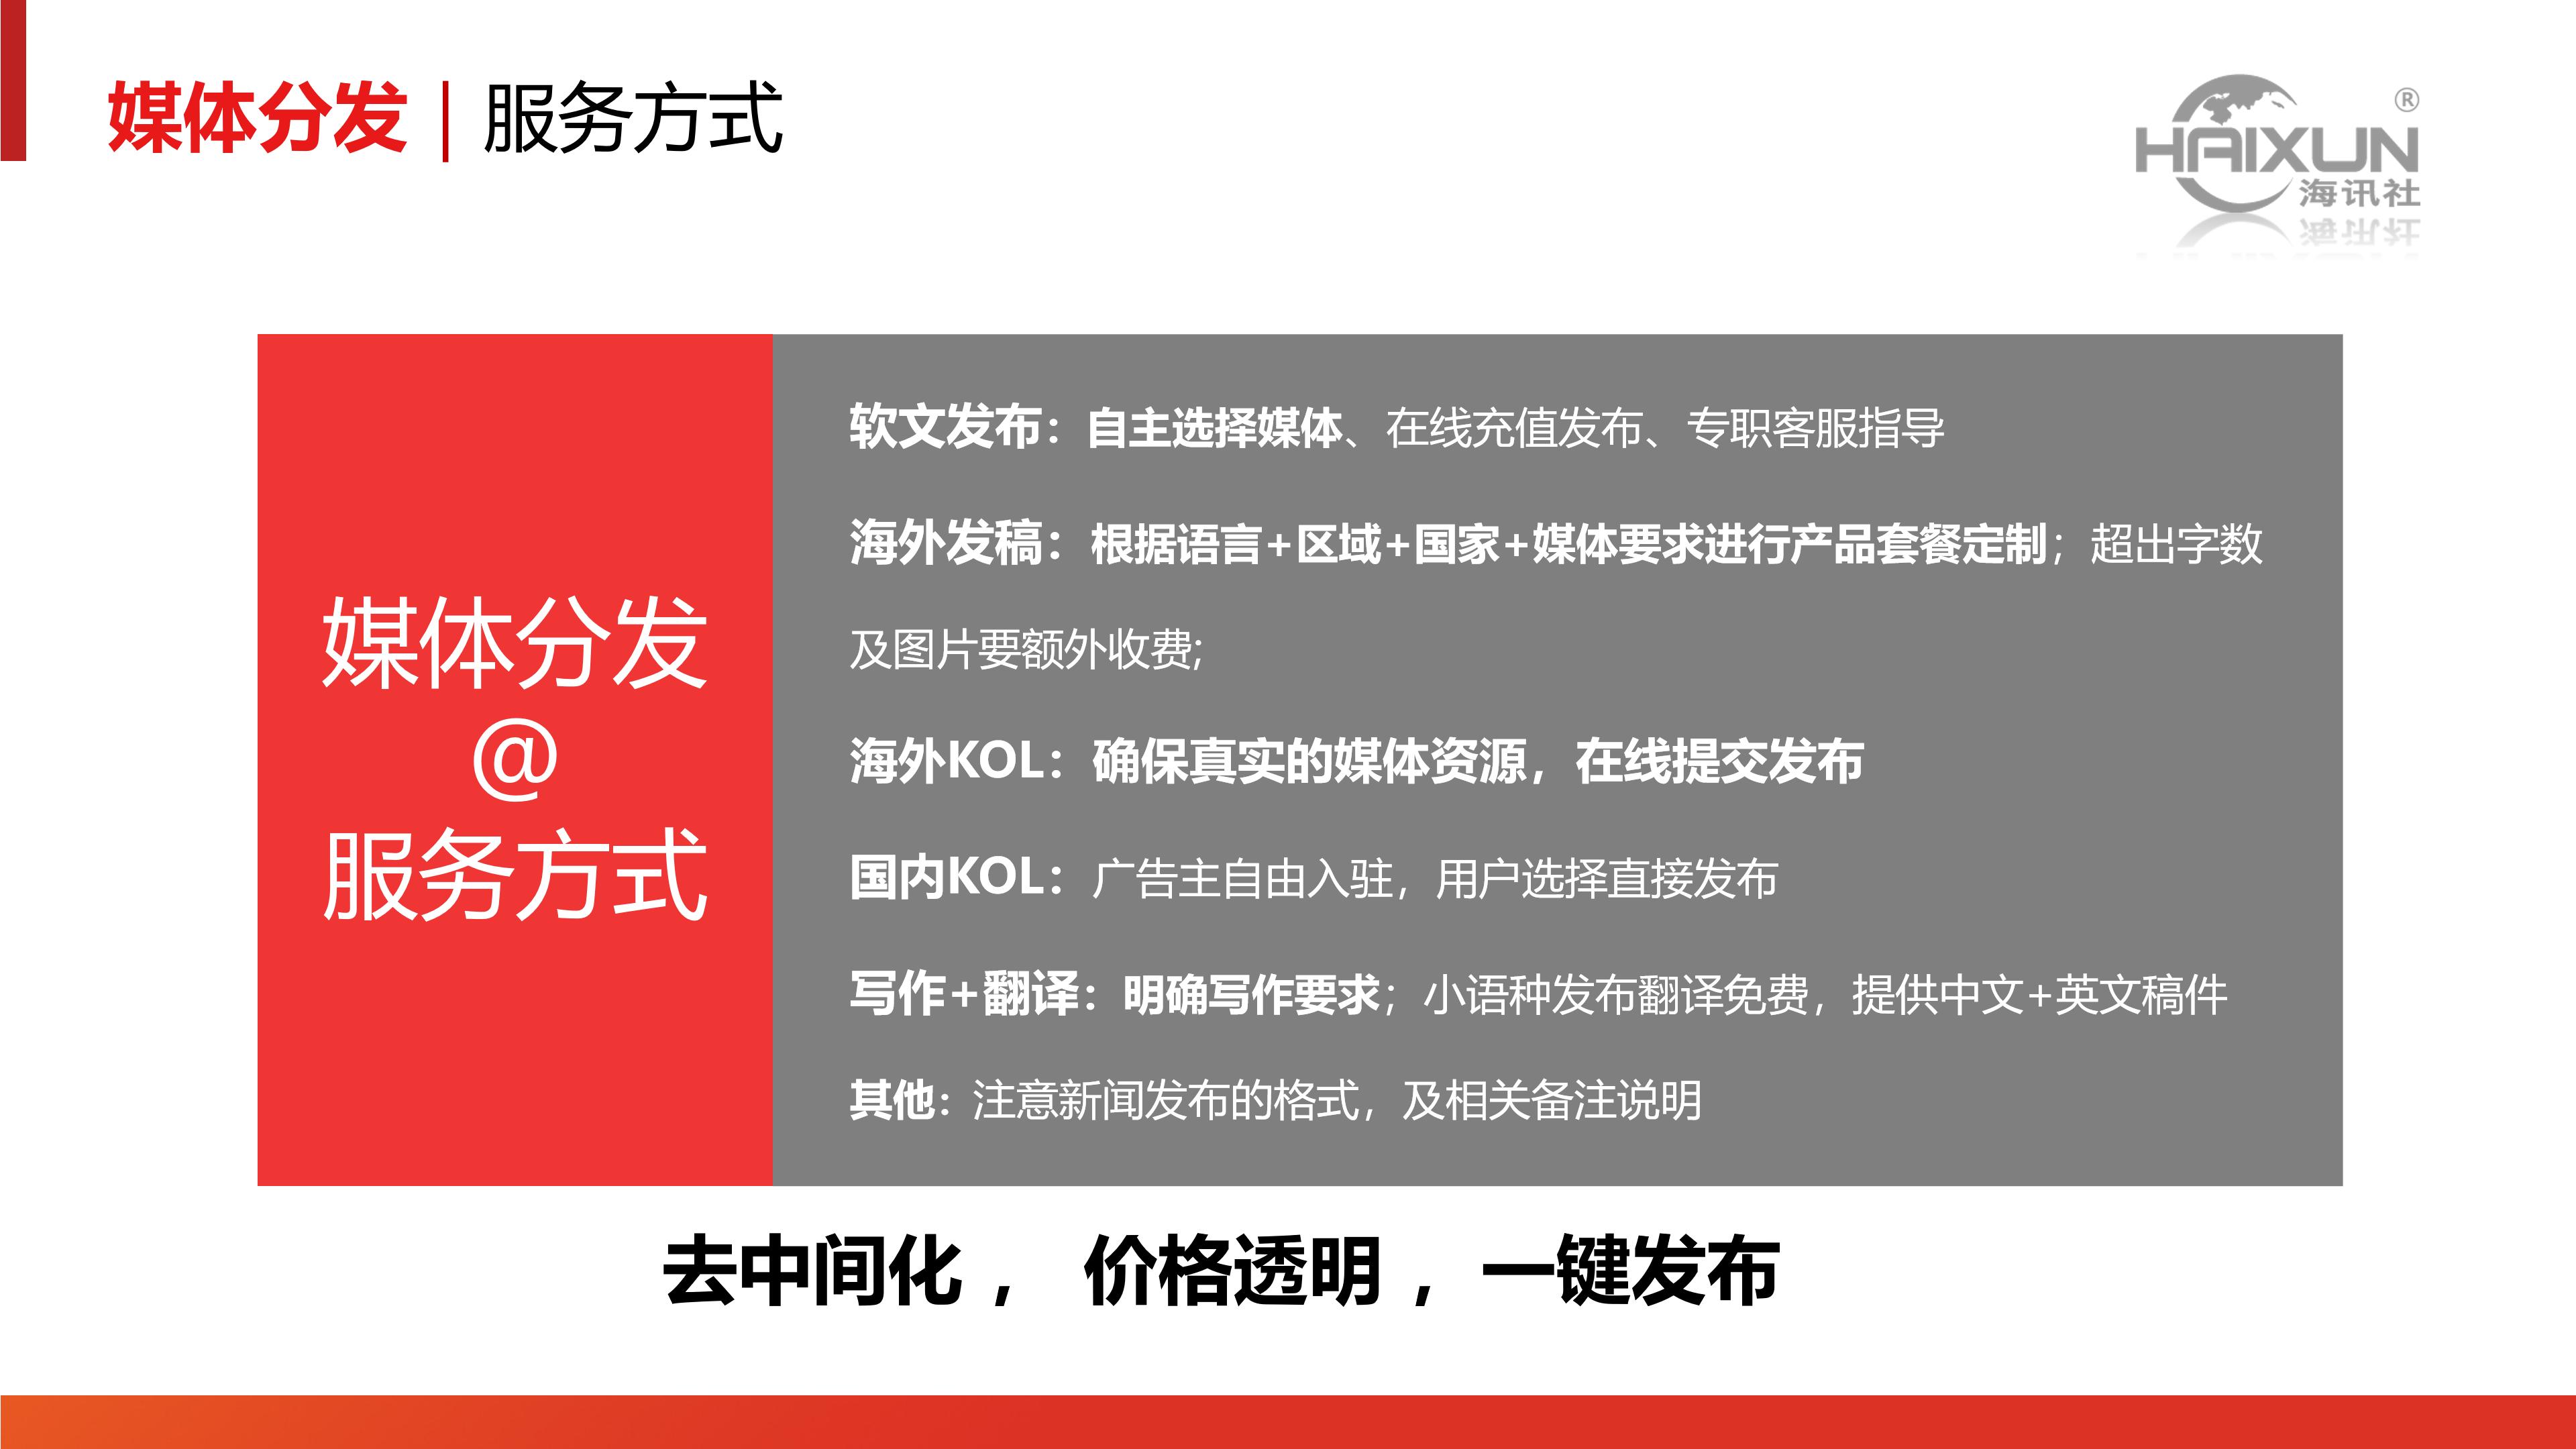 海讯社平台介绍【官方】_12.png